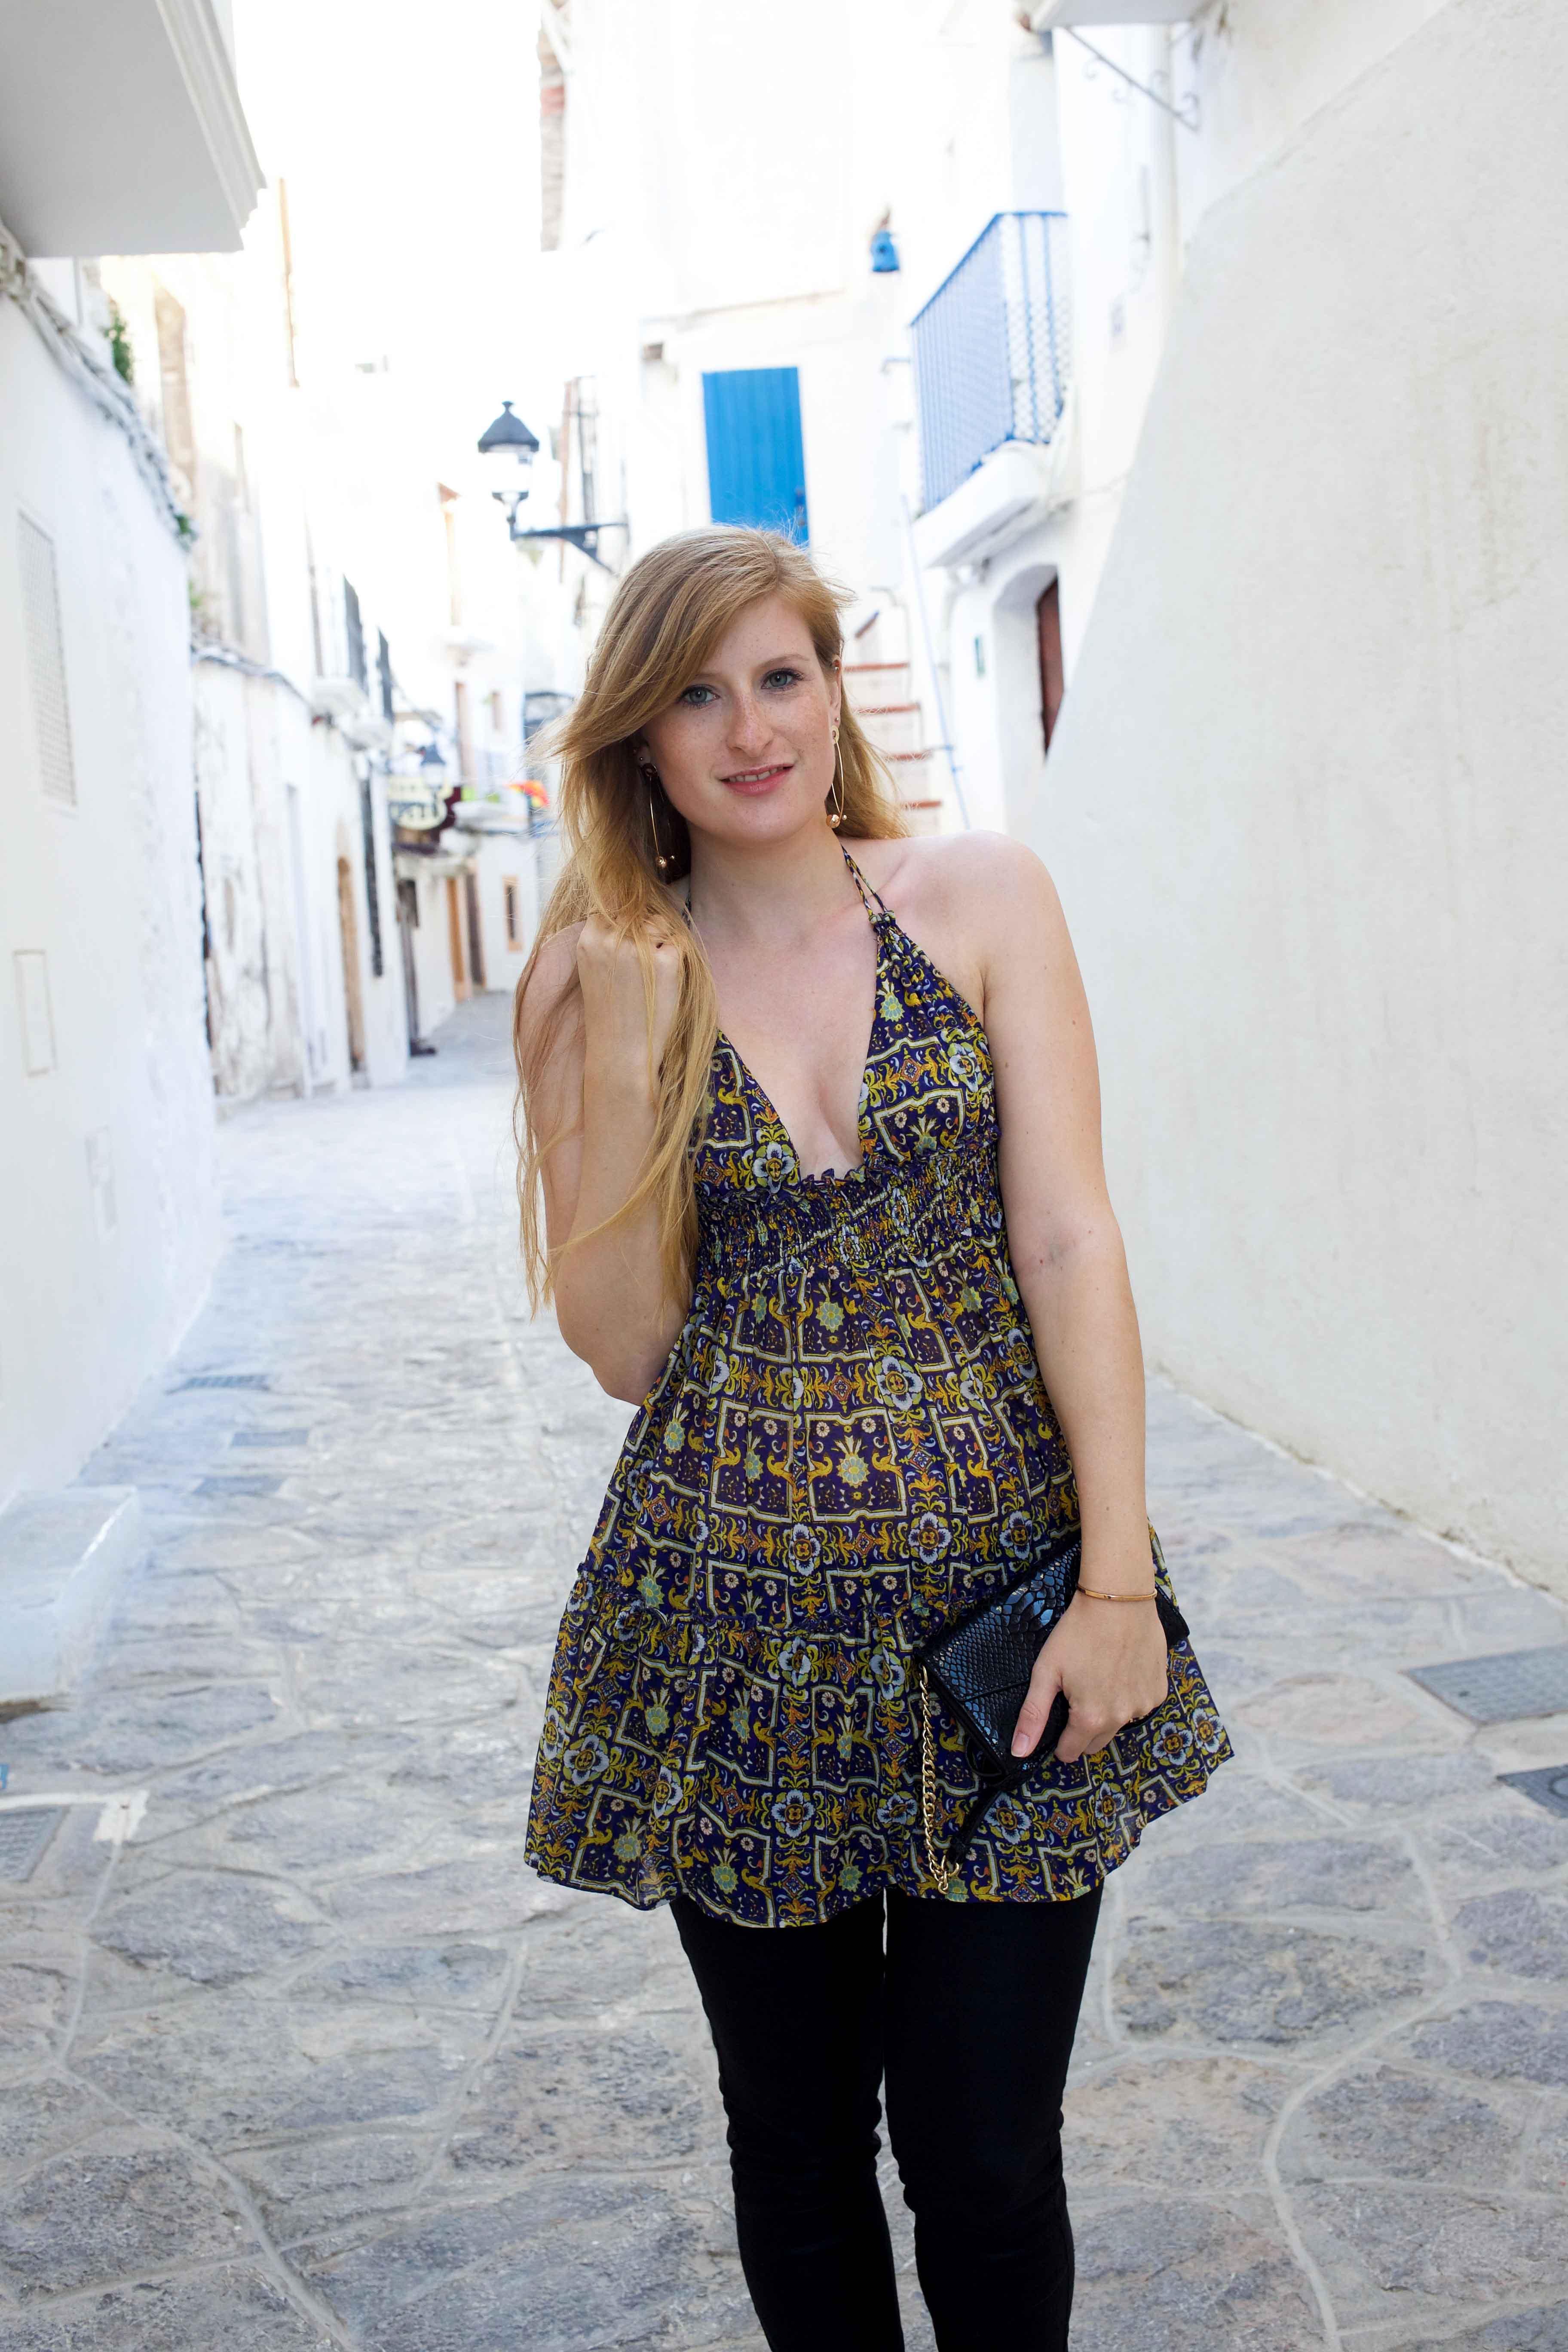 Luftiges buntes Oberteil schwarze Skinny Jeans Frühlingsoutfit Ibiza Modeblogger Deutschland 2